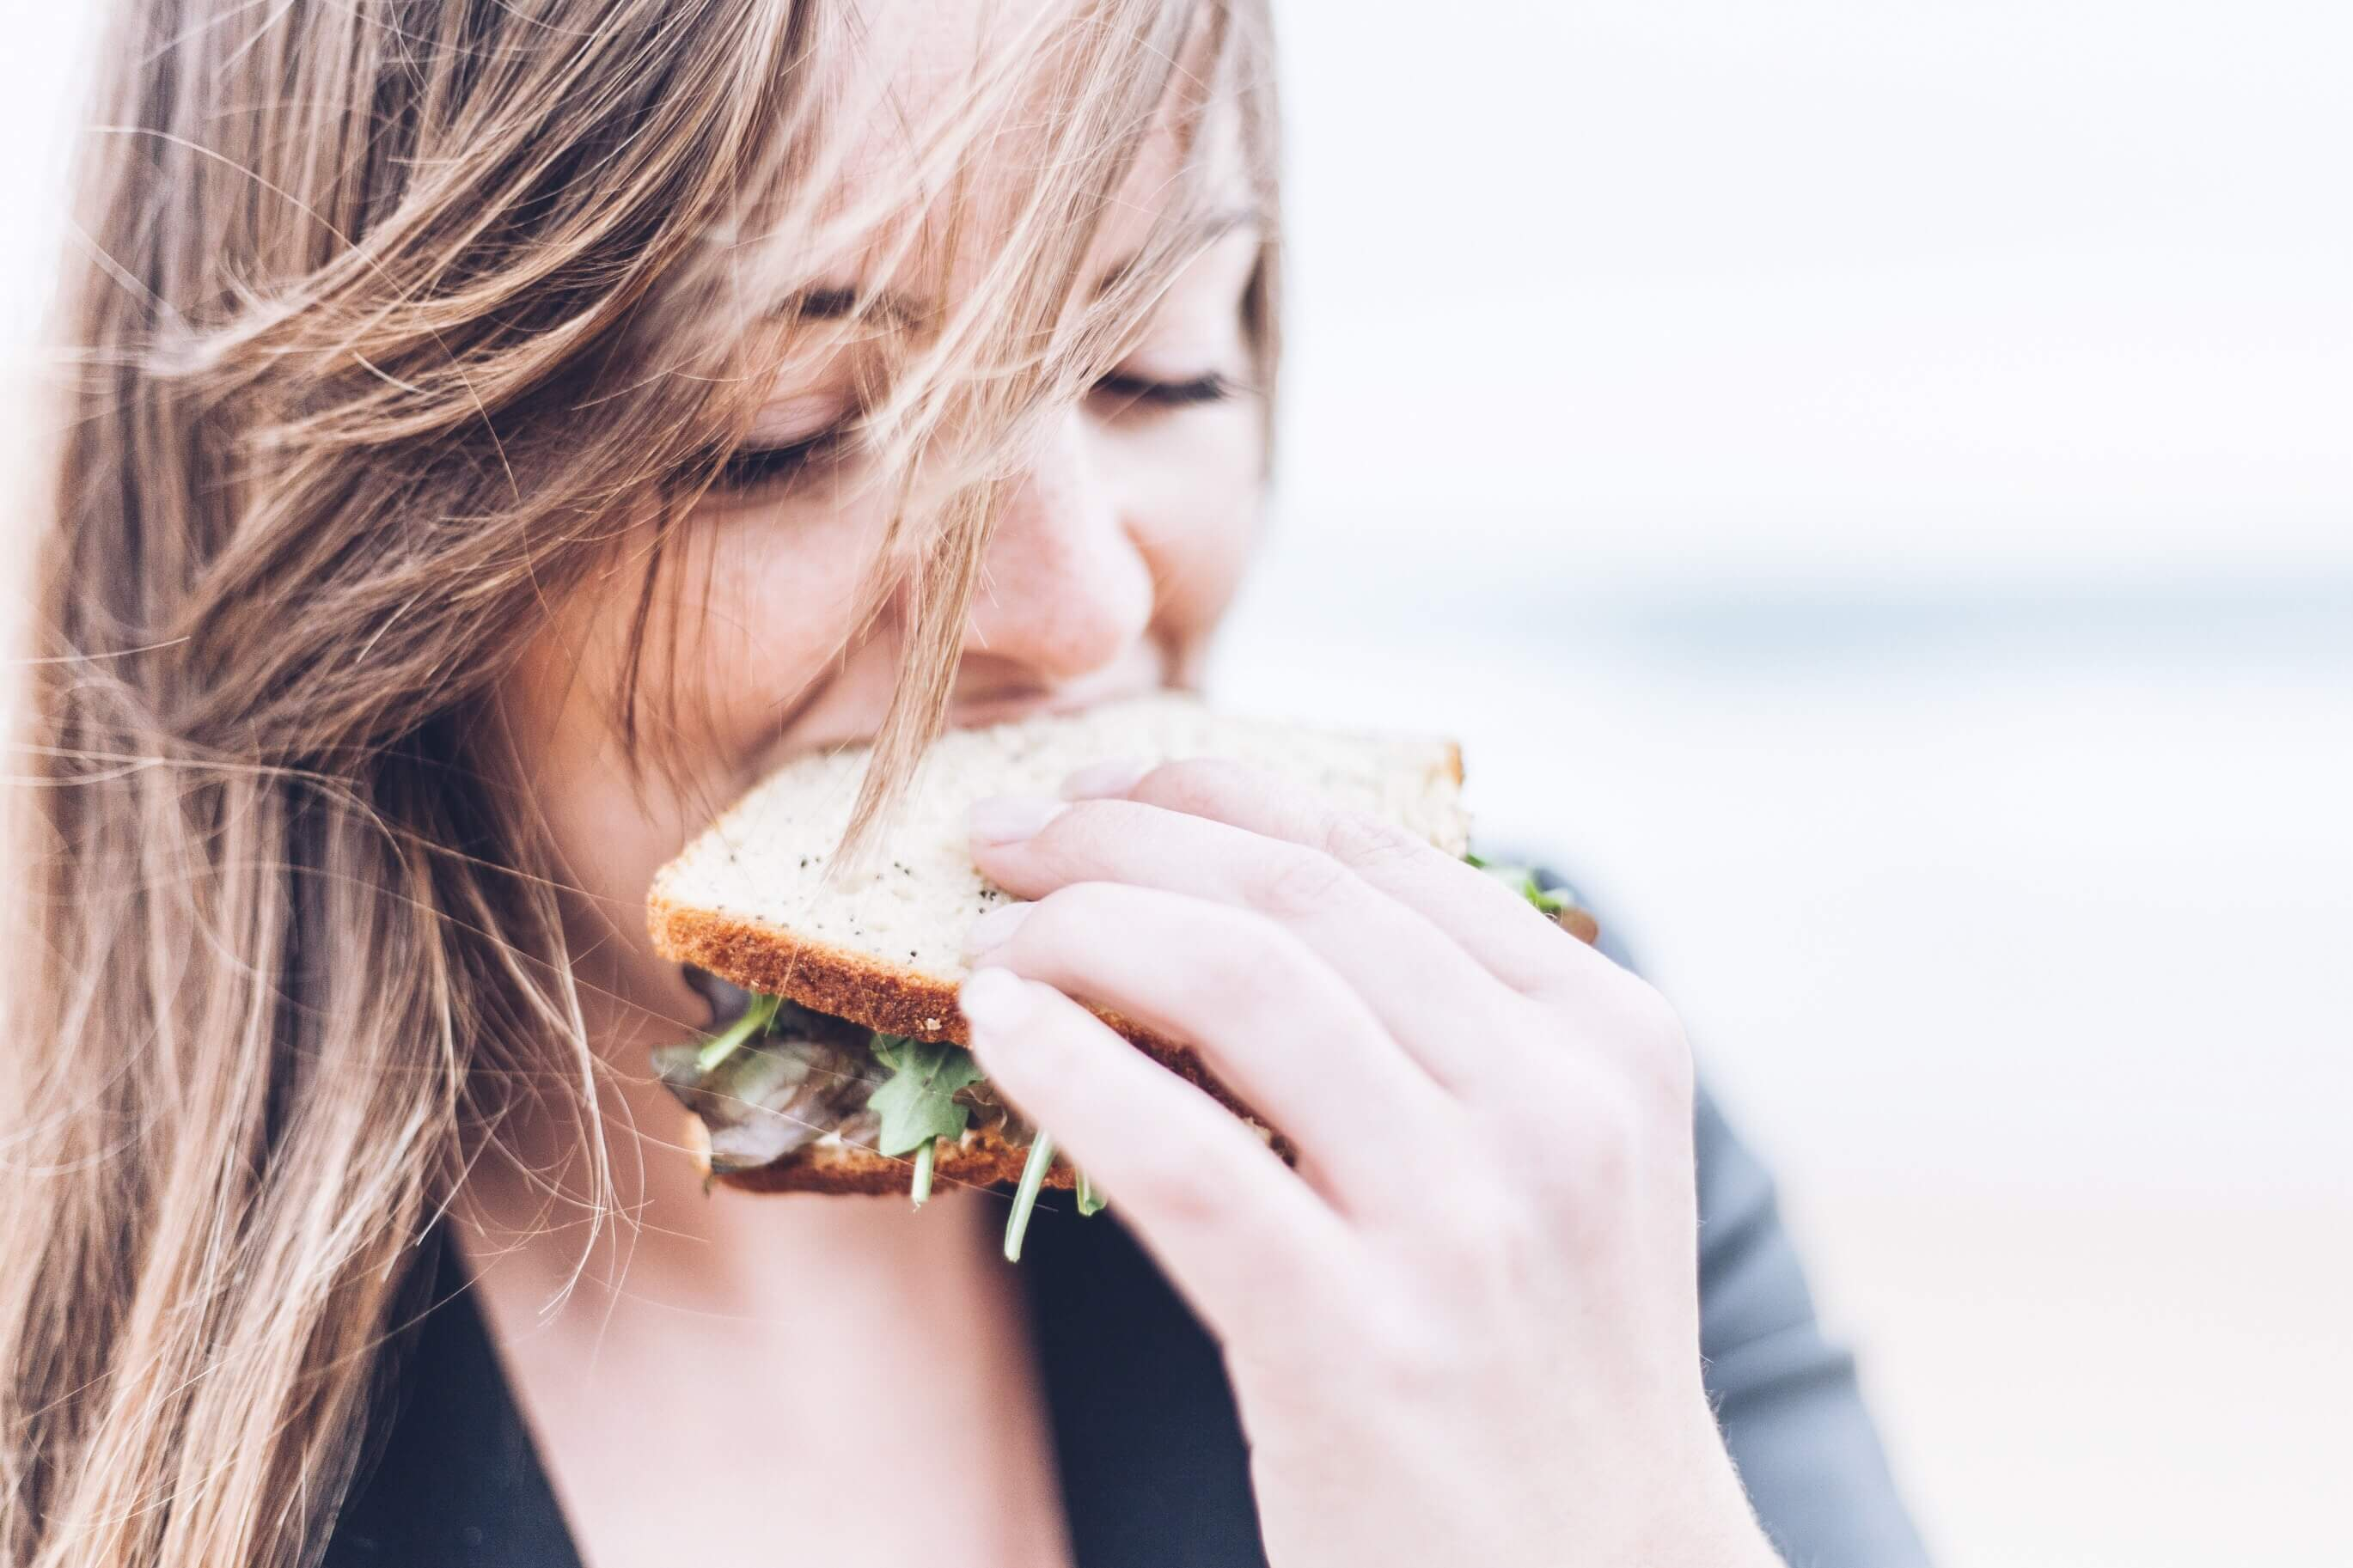 como funciona el hambre tipos de hambre bizkaia miriam herbon emocional fisica